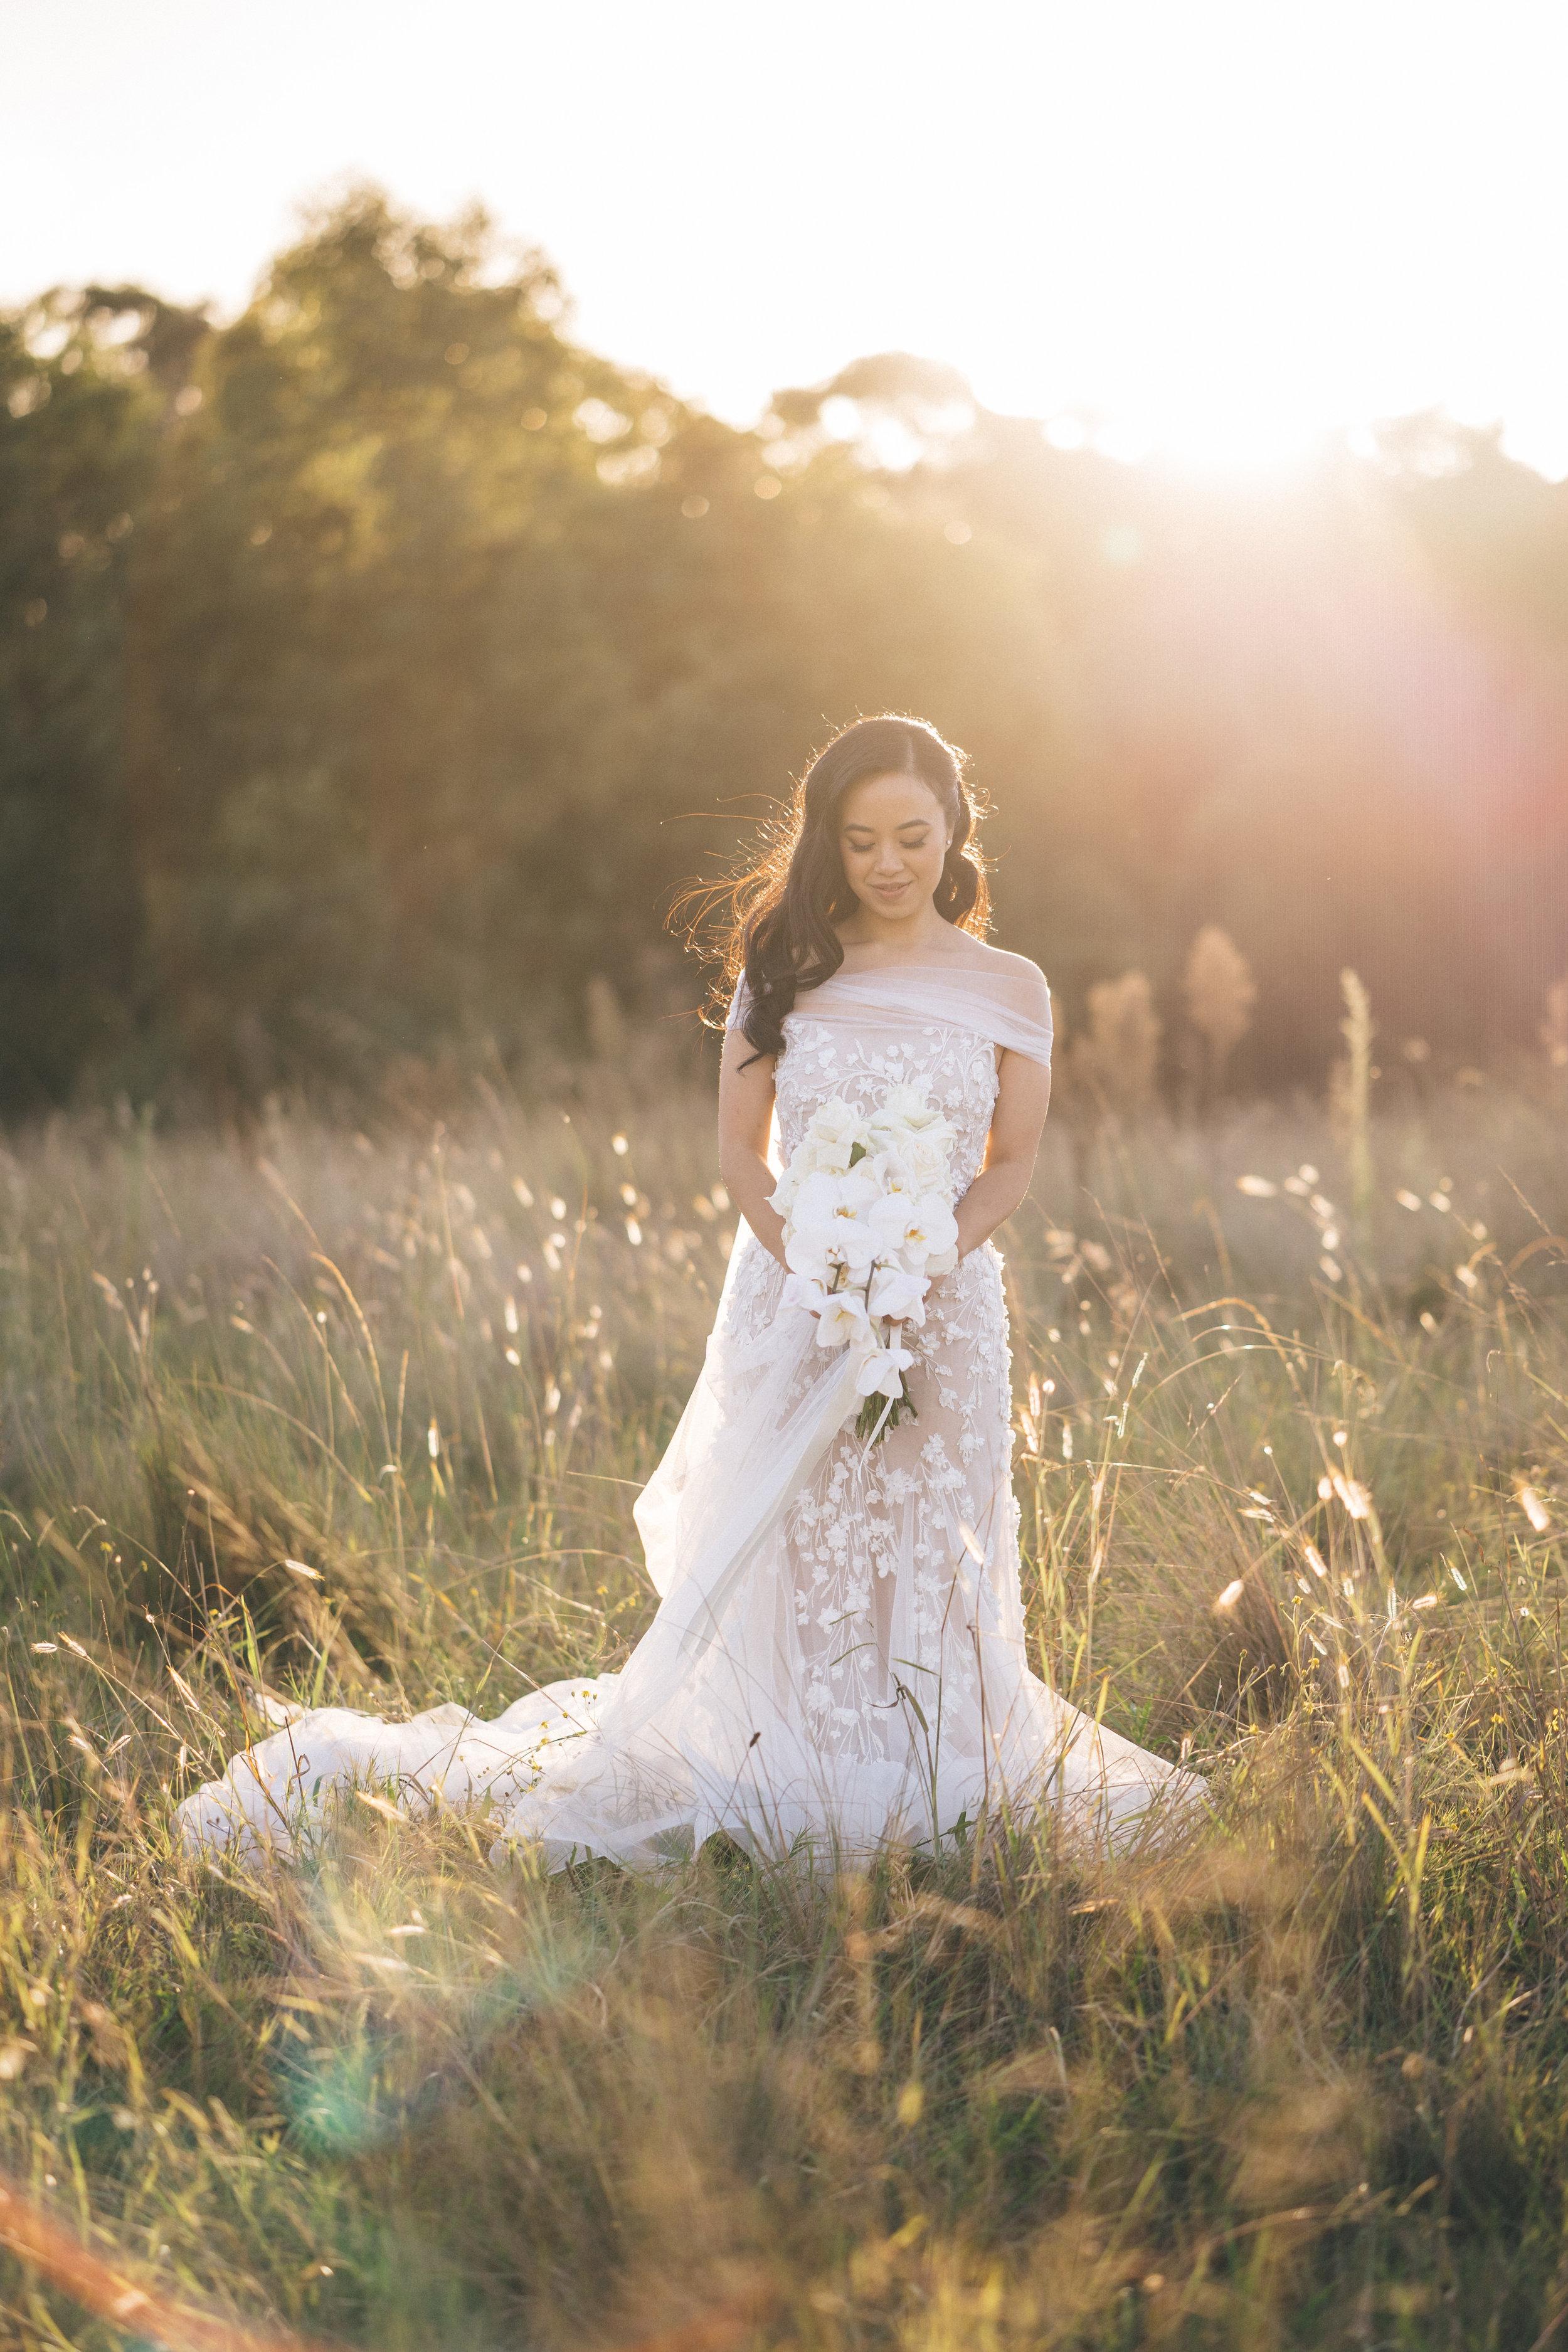 Annabelle-Phong-Wedding-HI-RES-0518.jpg